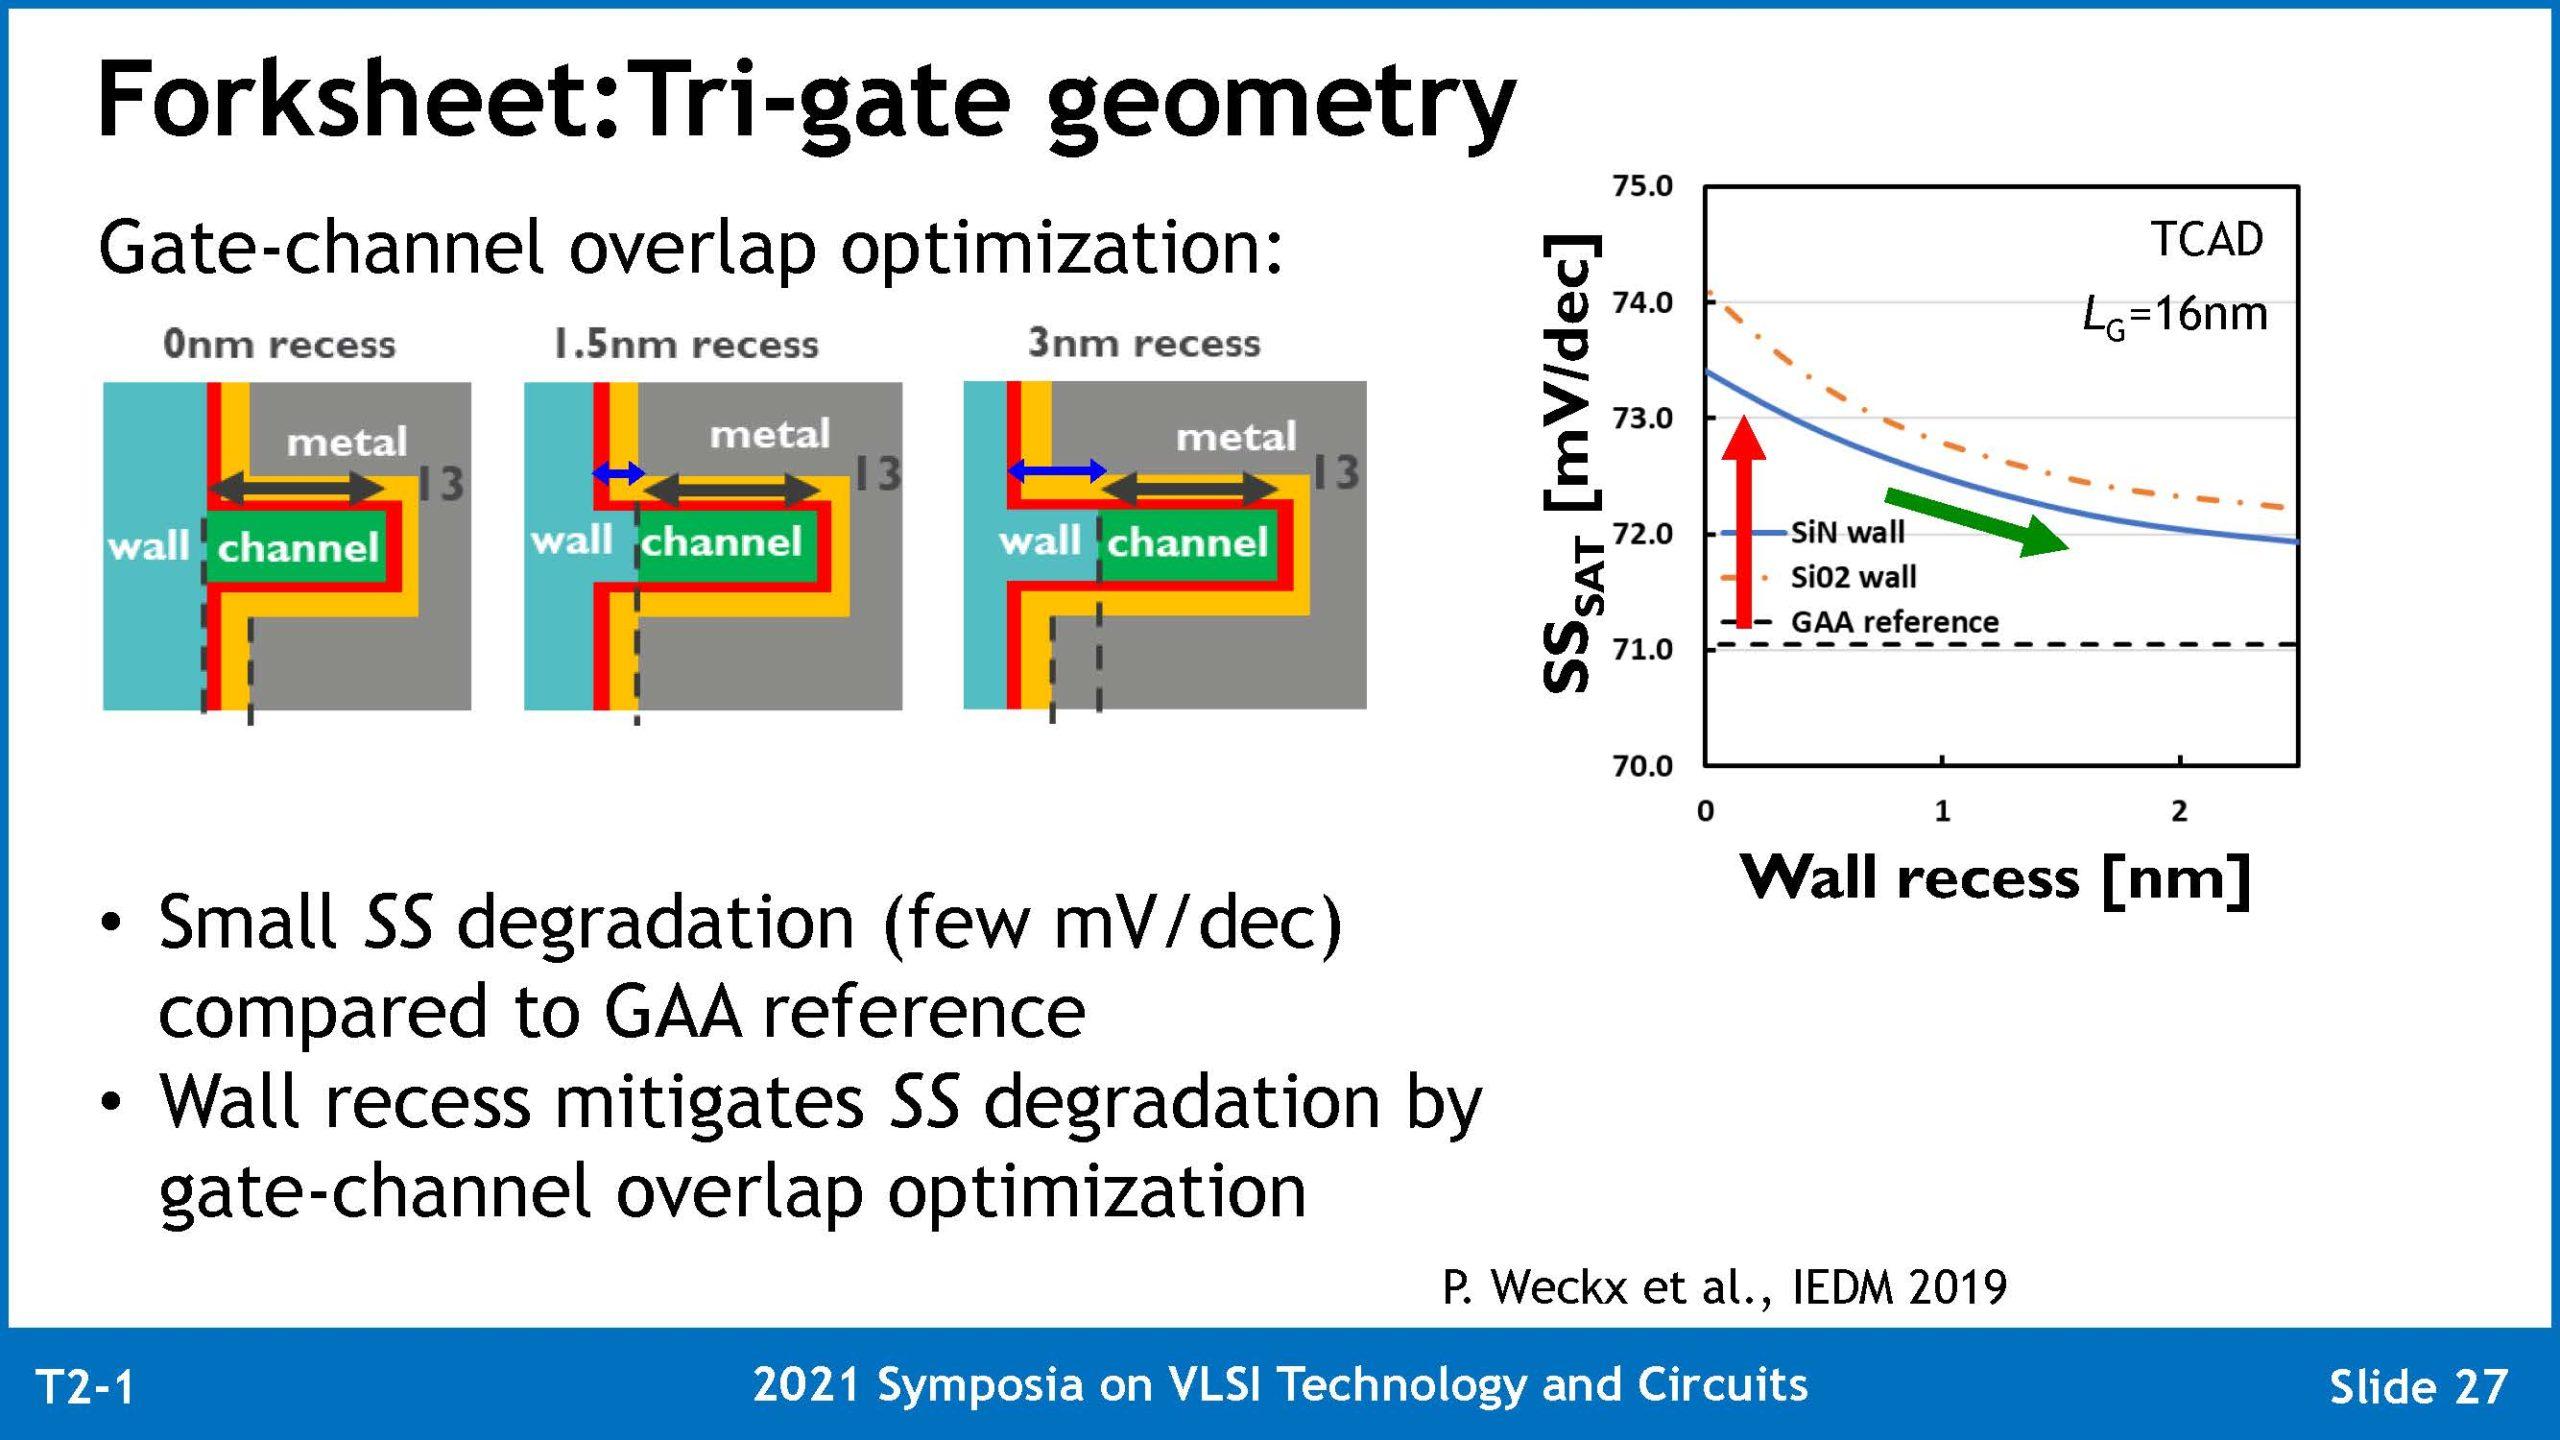 VLSI2021 T2 1 Mertens v2 Page 28